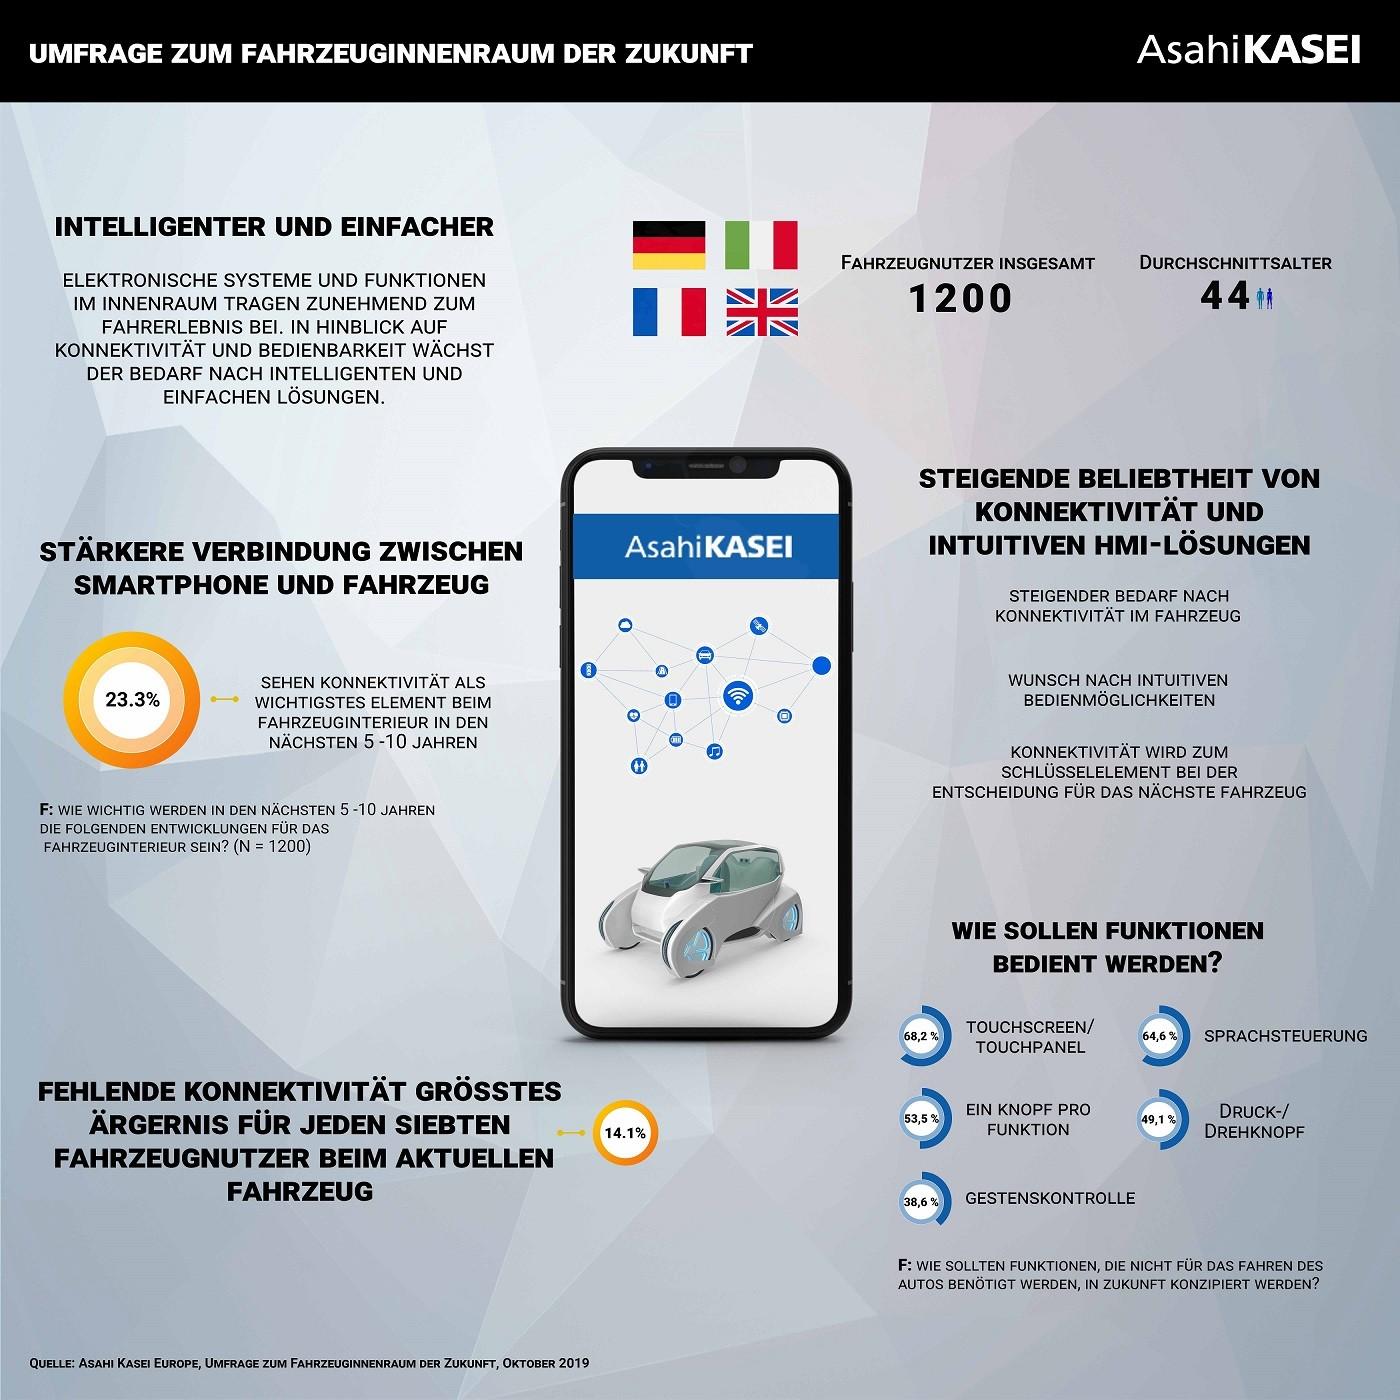 Wachsende Bedeutung von Konnektivität und intuitiven Bedienoberflächen im Fahrzeug